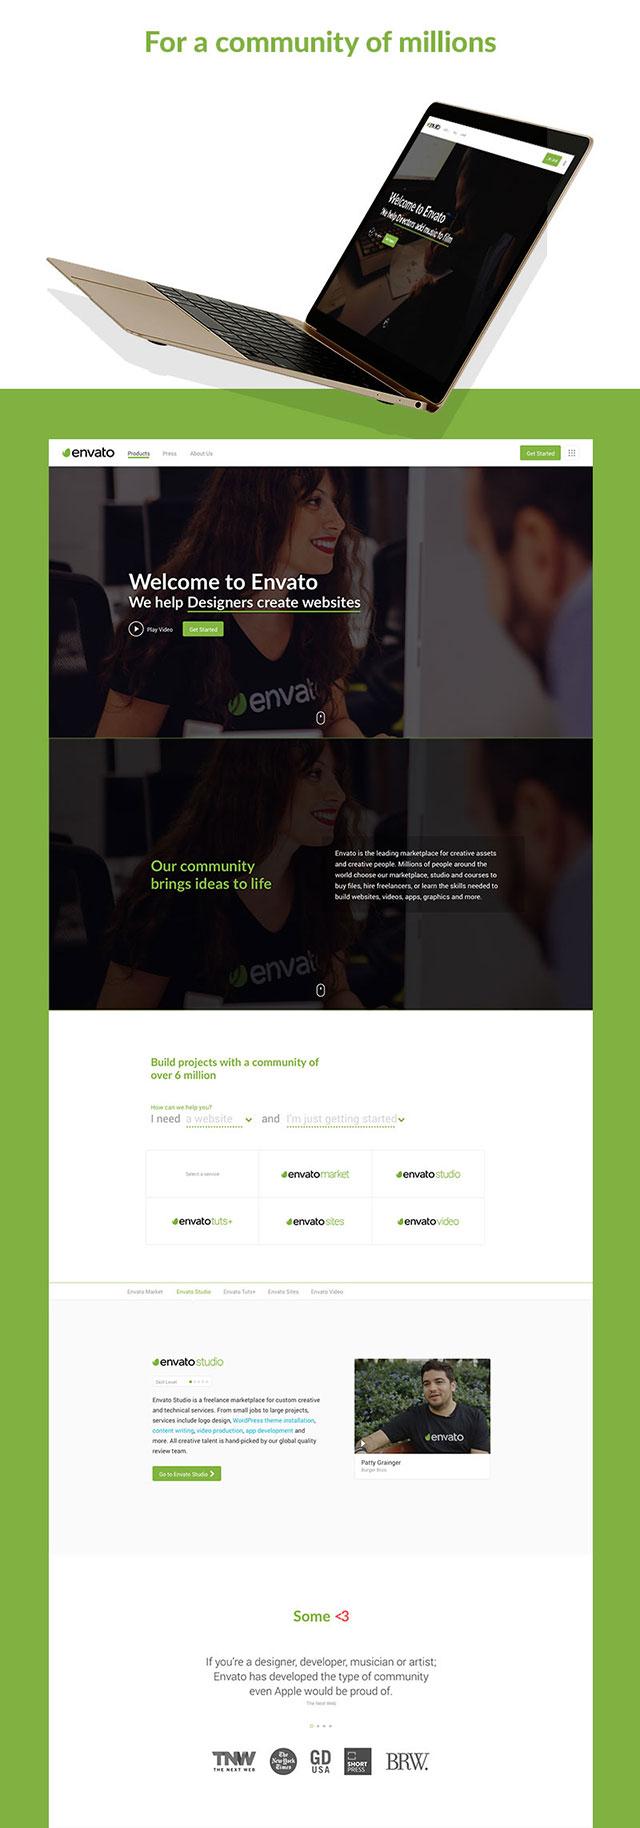 Carter - UX Digital Agency & Web Design Melbourne, Sydney